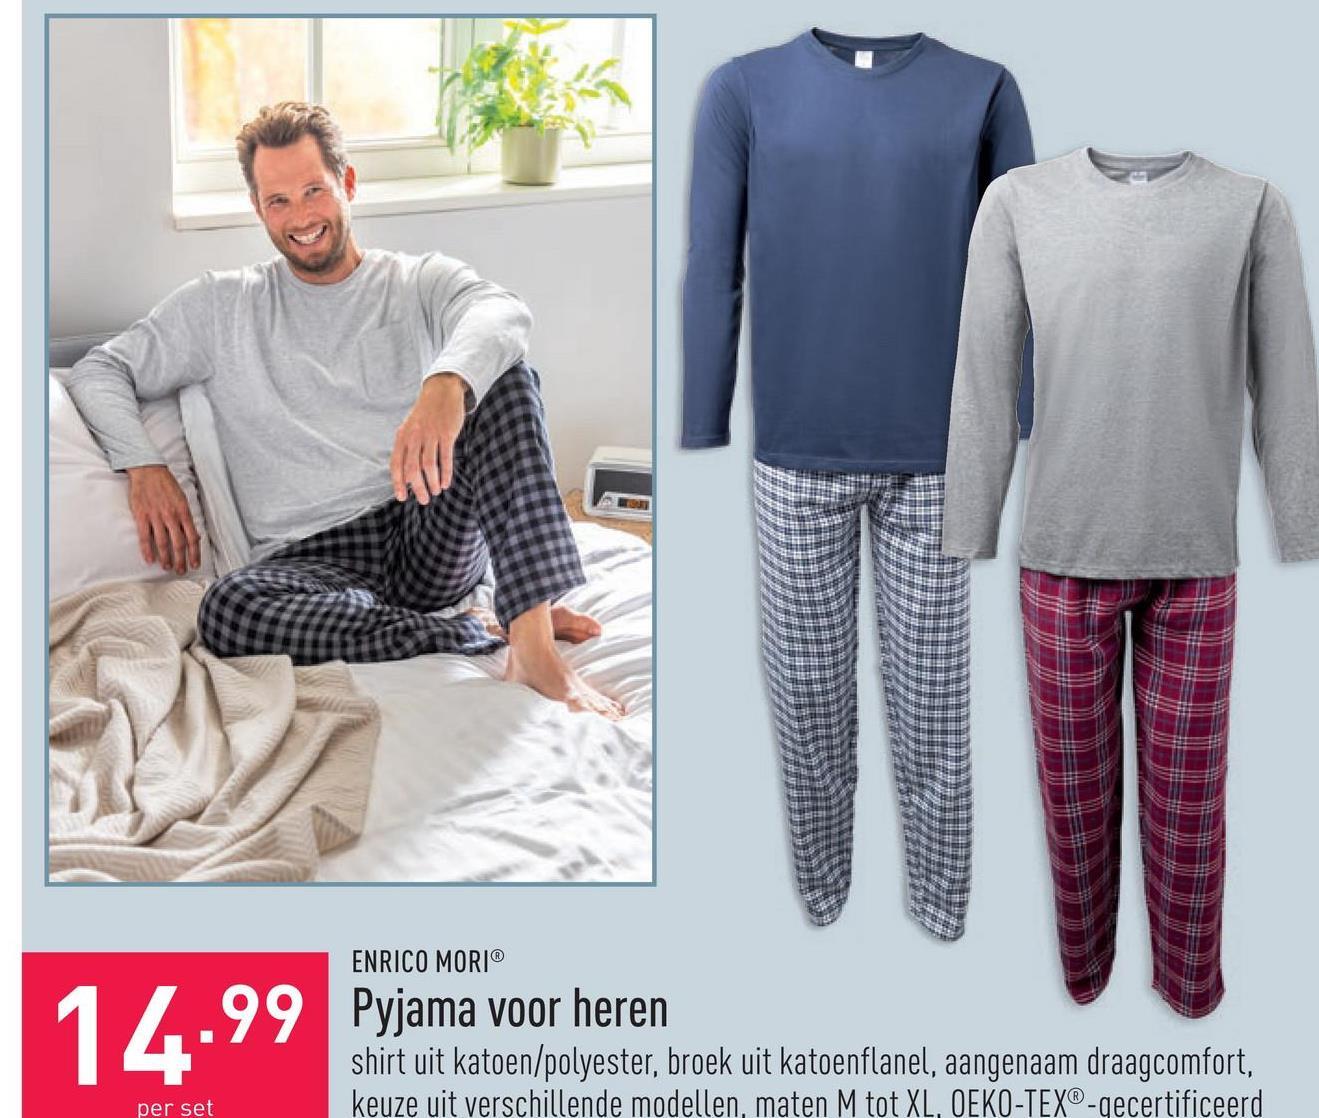 Pyjama voor heren shirt uit katoen/polyester, broek uit katoenflanel, aangenaam draagcomfort, keuze uit verschillende modellen, maten M tot XL, OEKO-TEX®-gecertificeerd